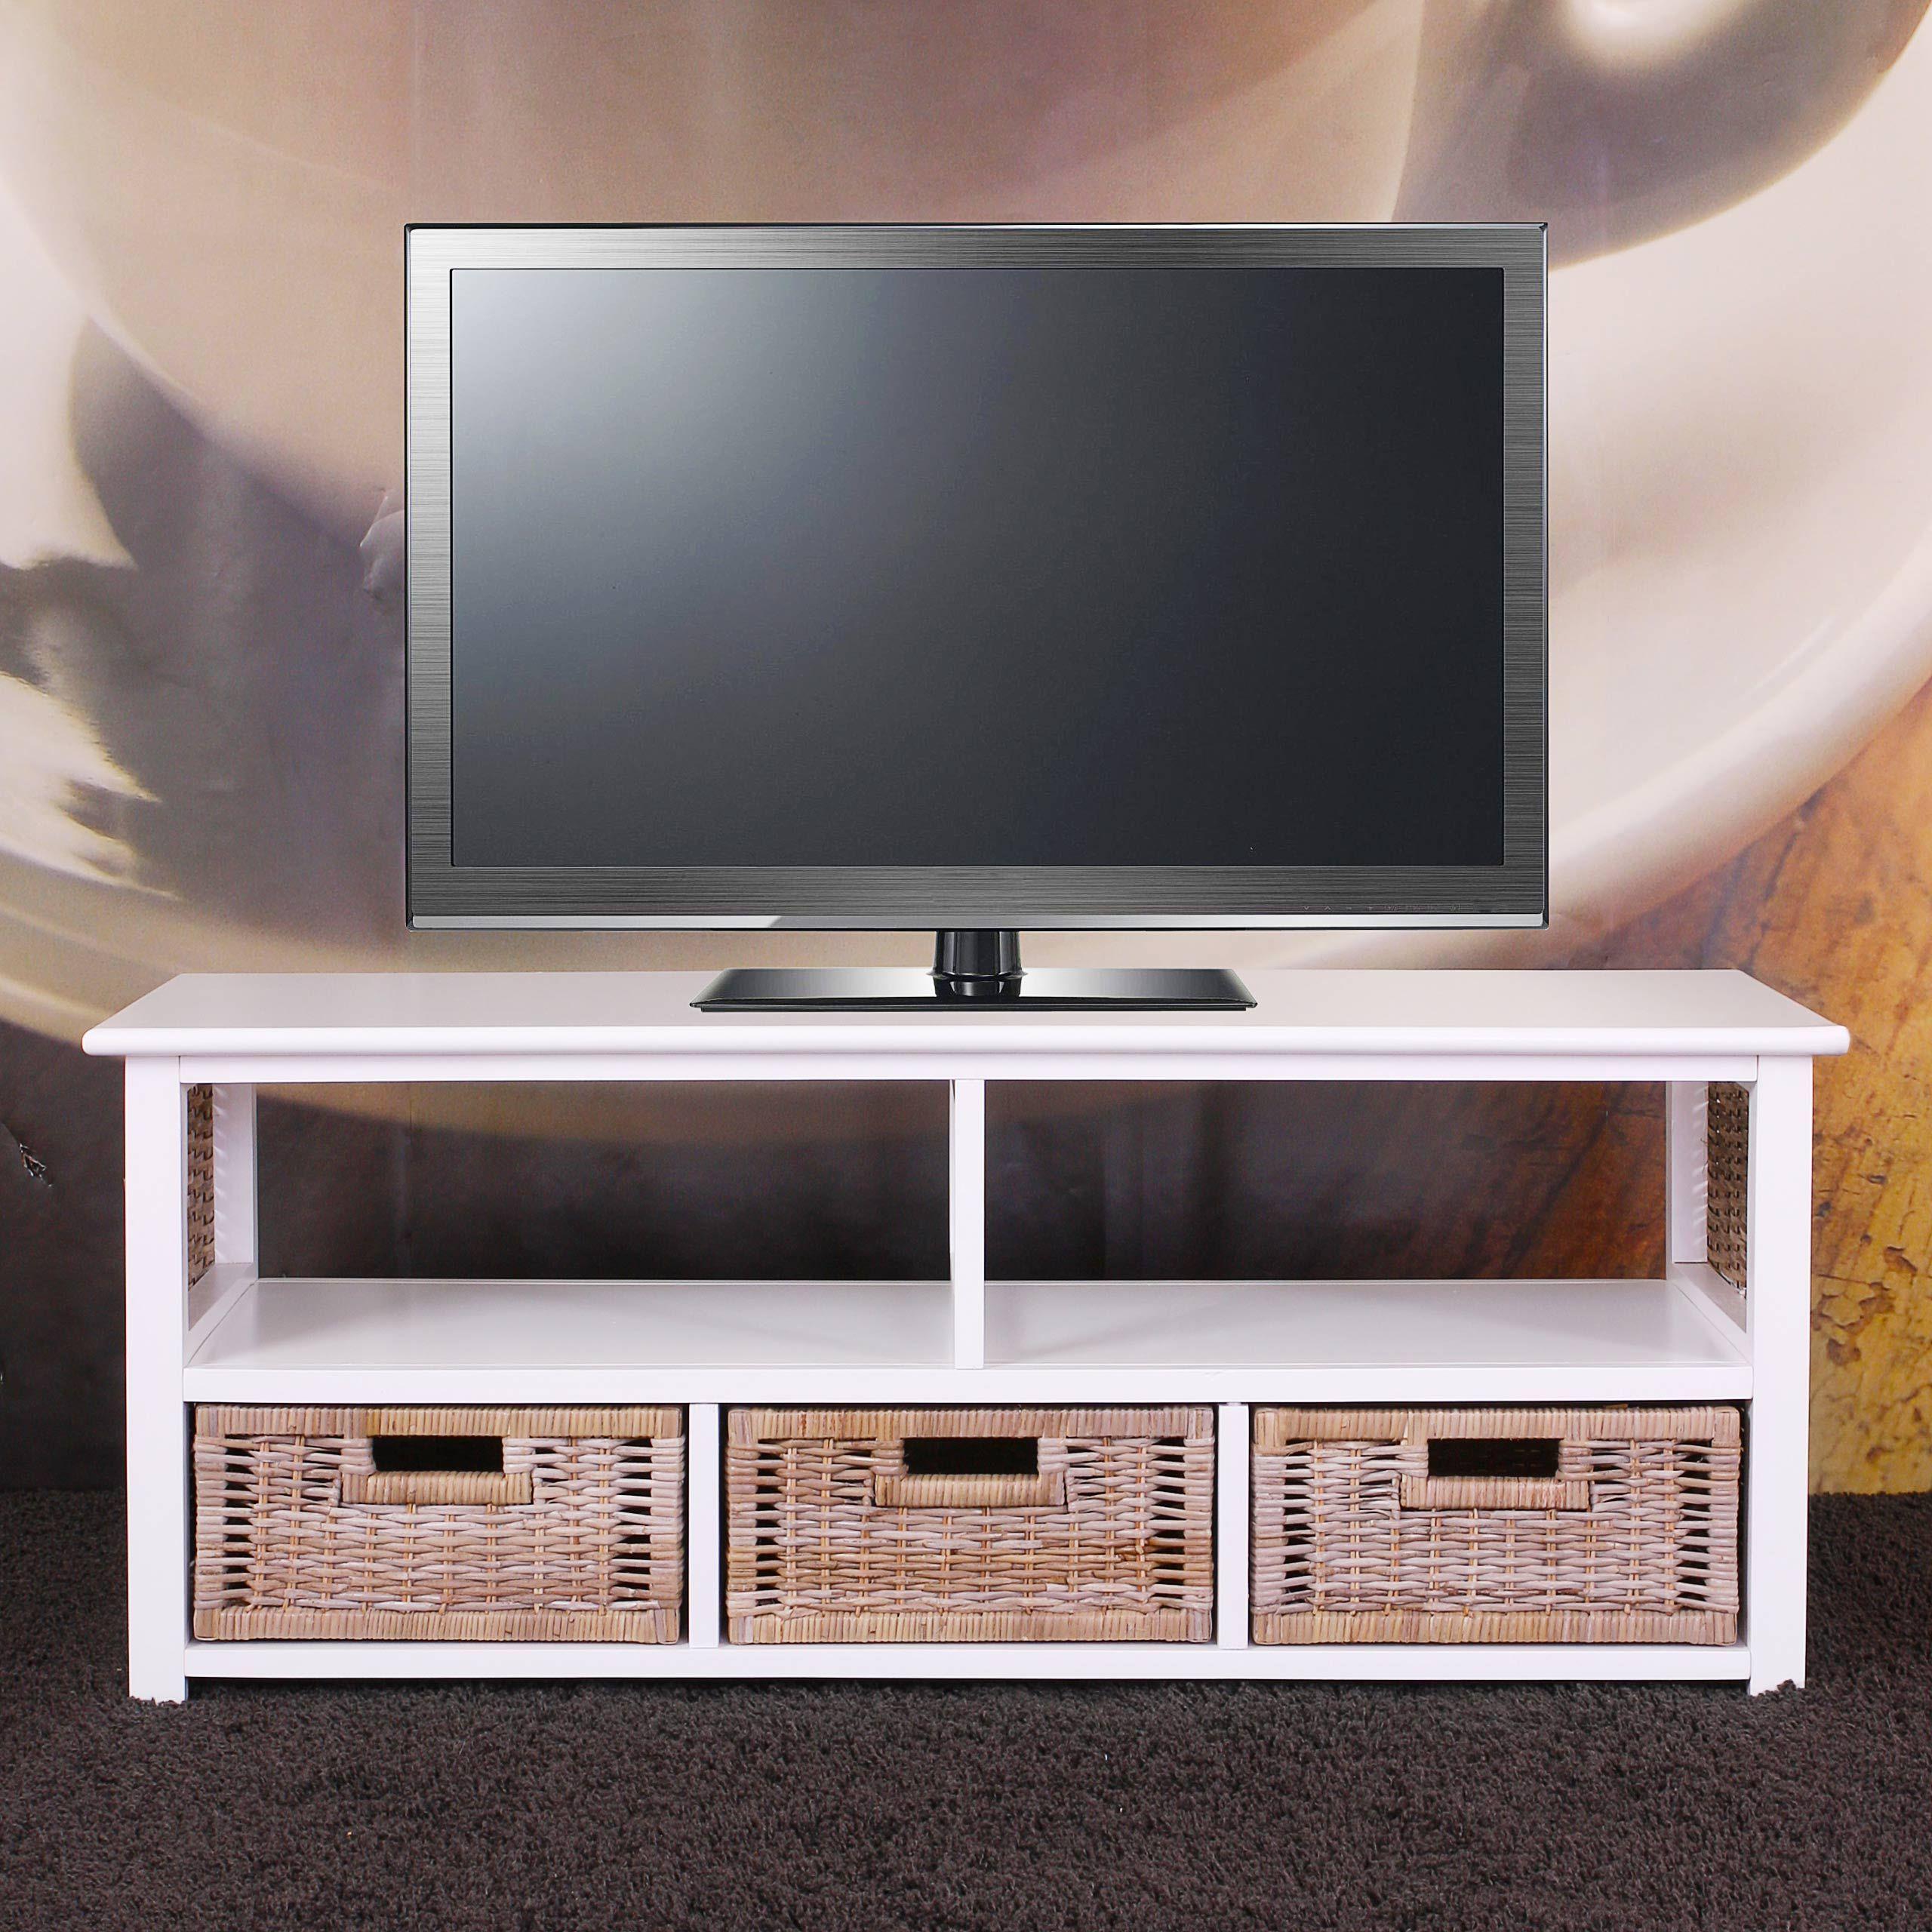 Meuble Table Basse Tele Bois Massif Osier 3 Tiroirs Meuble Tv Et